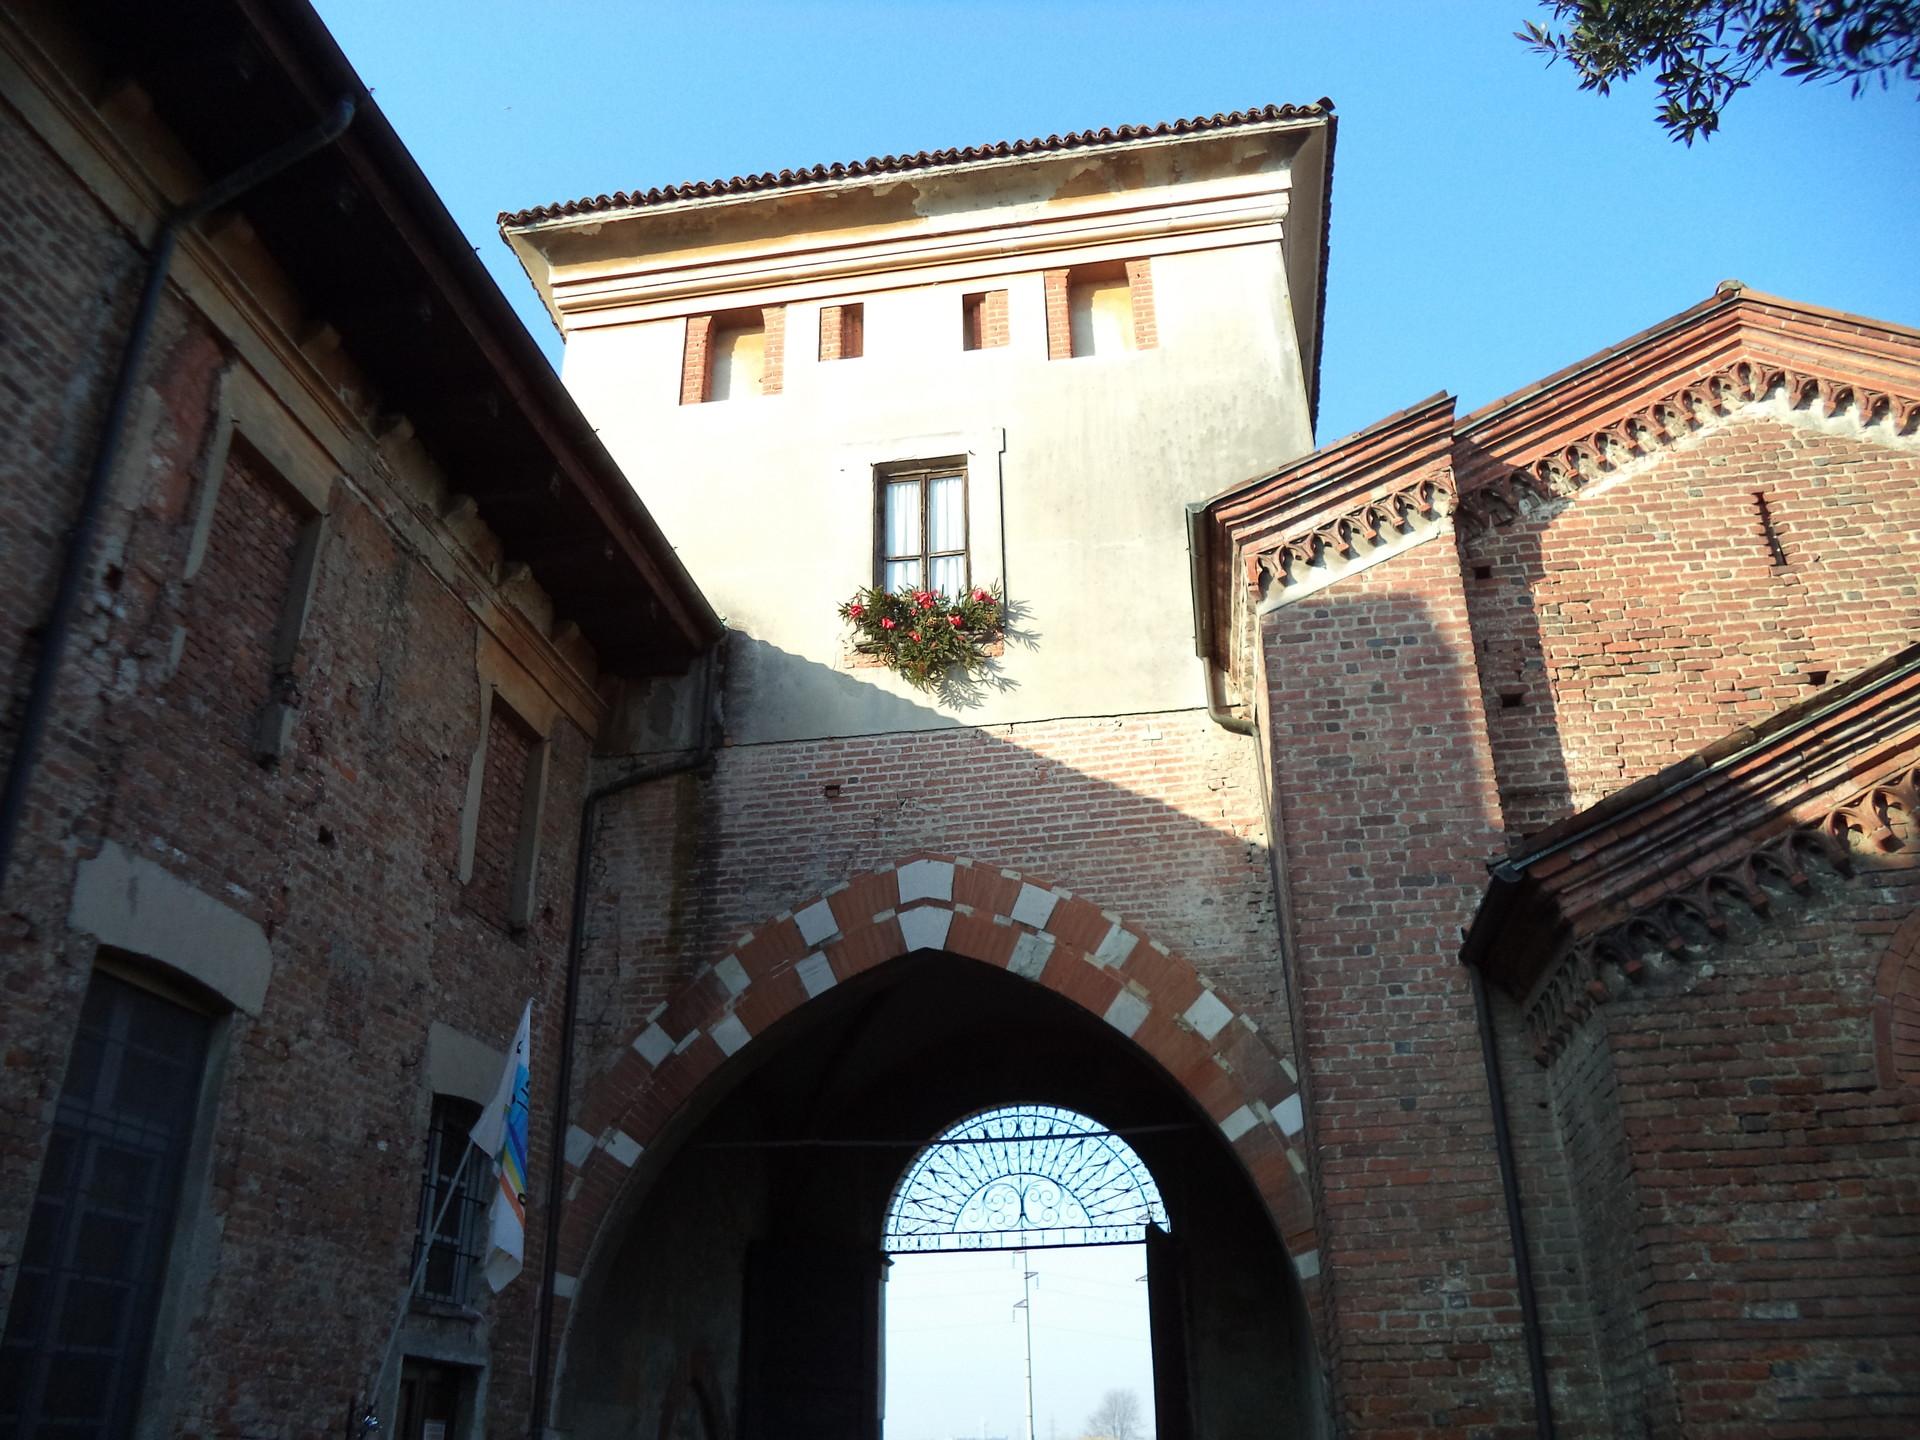 Uma bela Abadia a Sul de Milão!